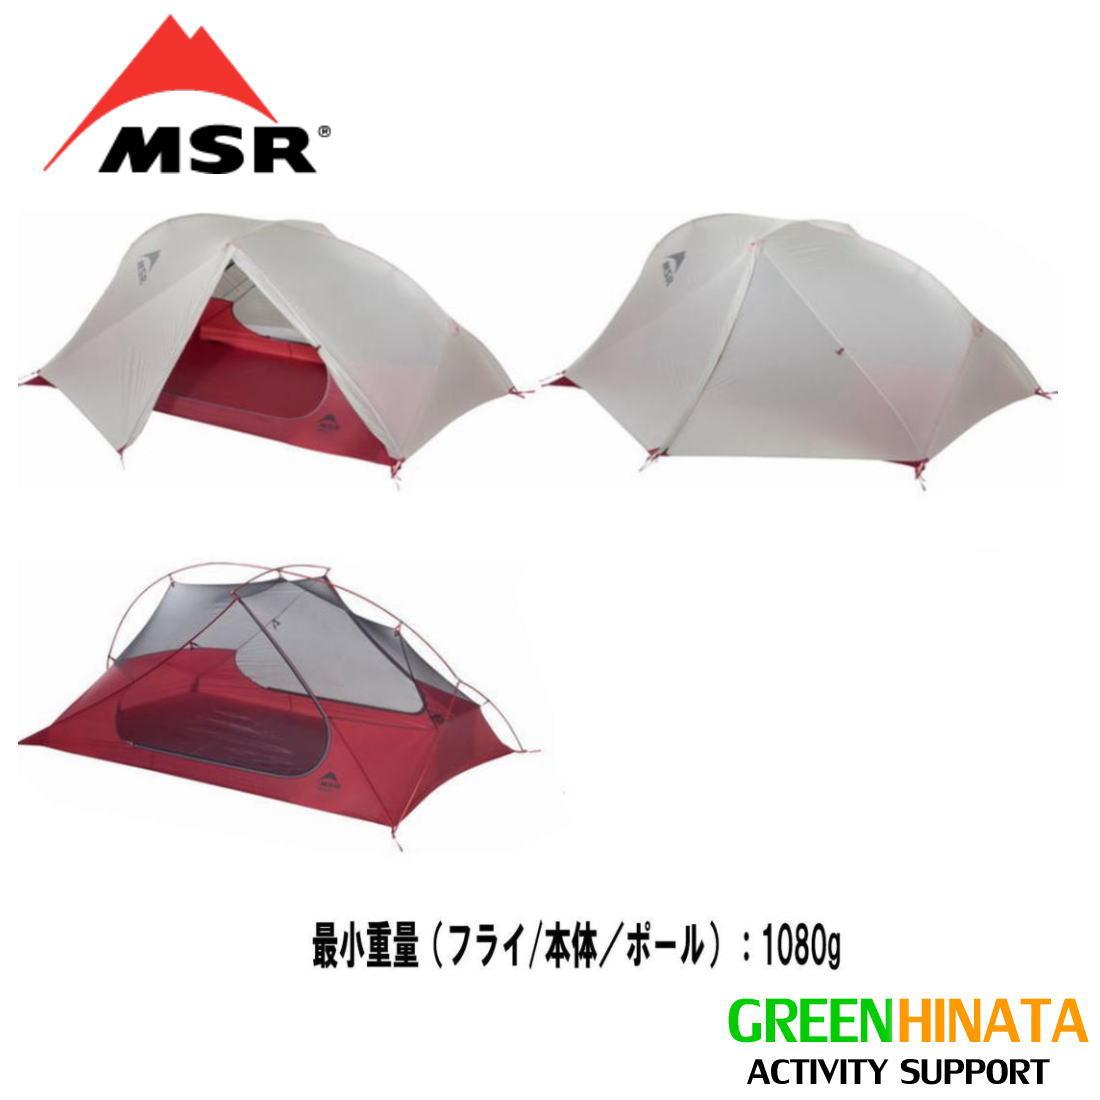 【国内正規品】 エムエスアール テント フリーライト2 2人用 ダブルウォールテント 自立式 MSR FREELITE 2